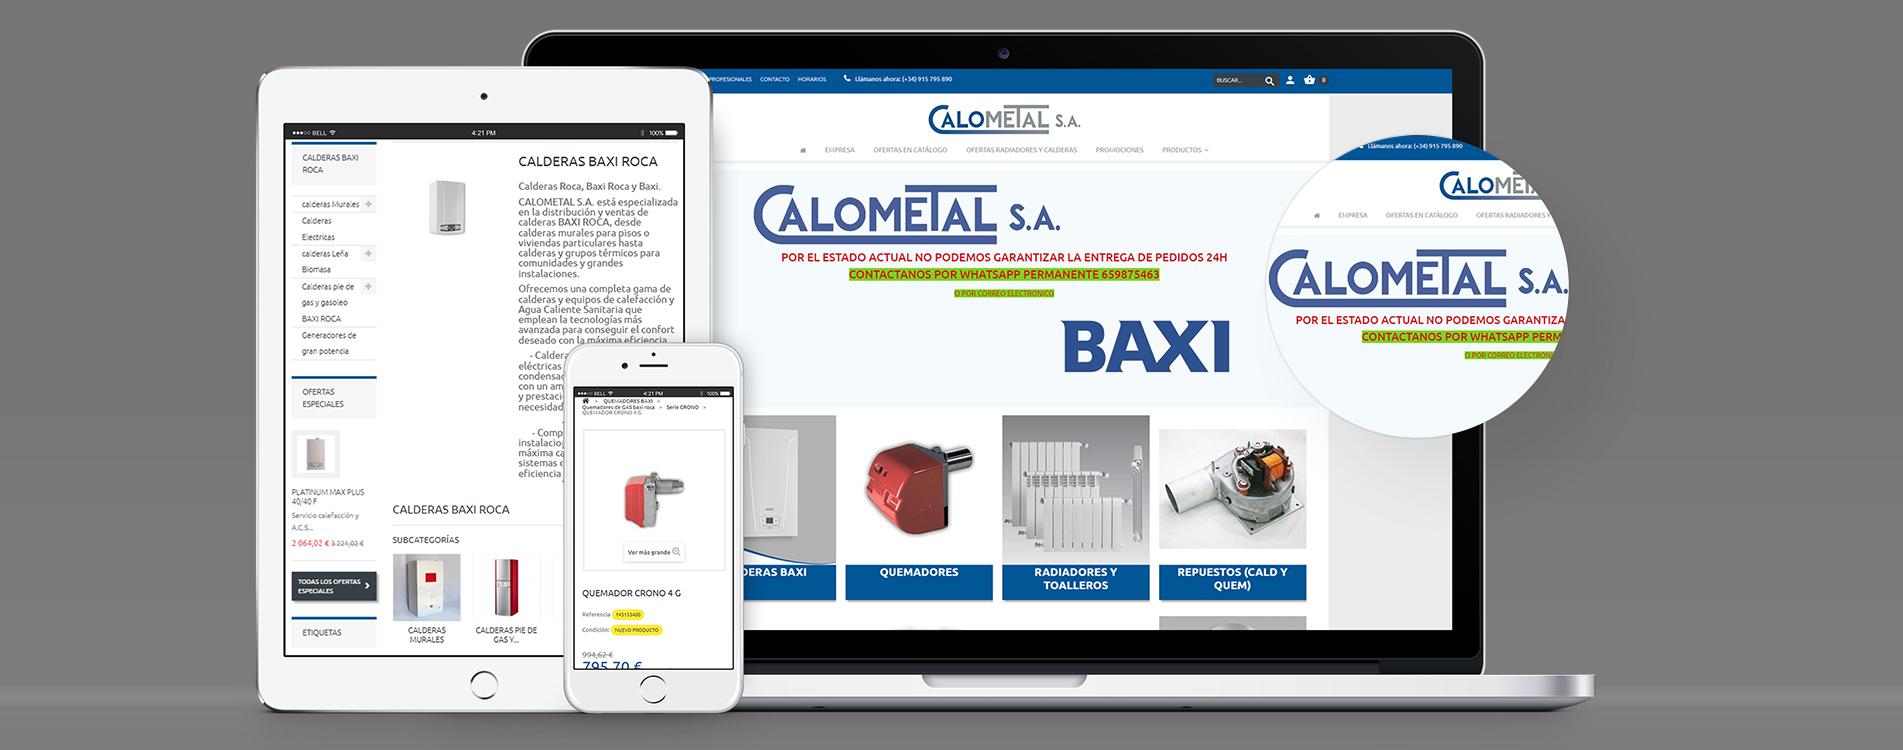 cabecera_responsive_calometal